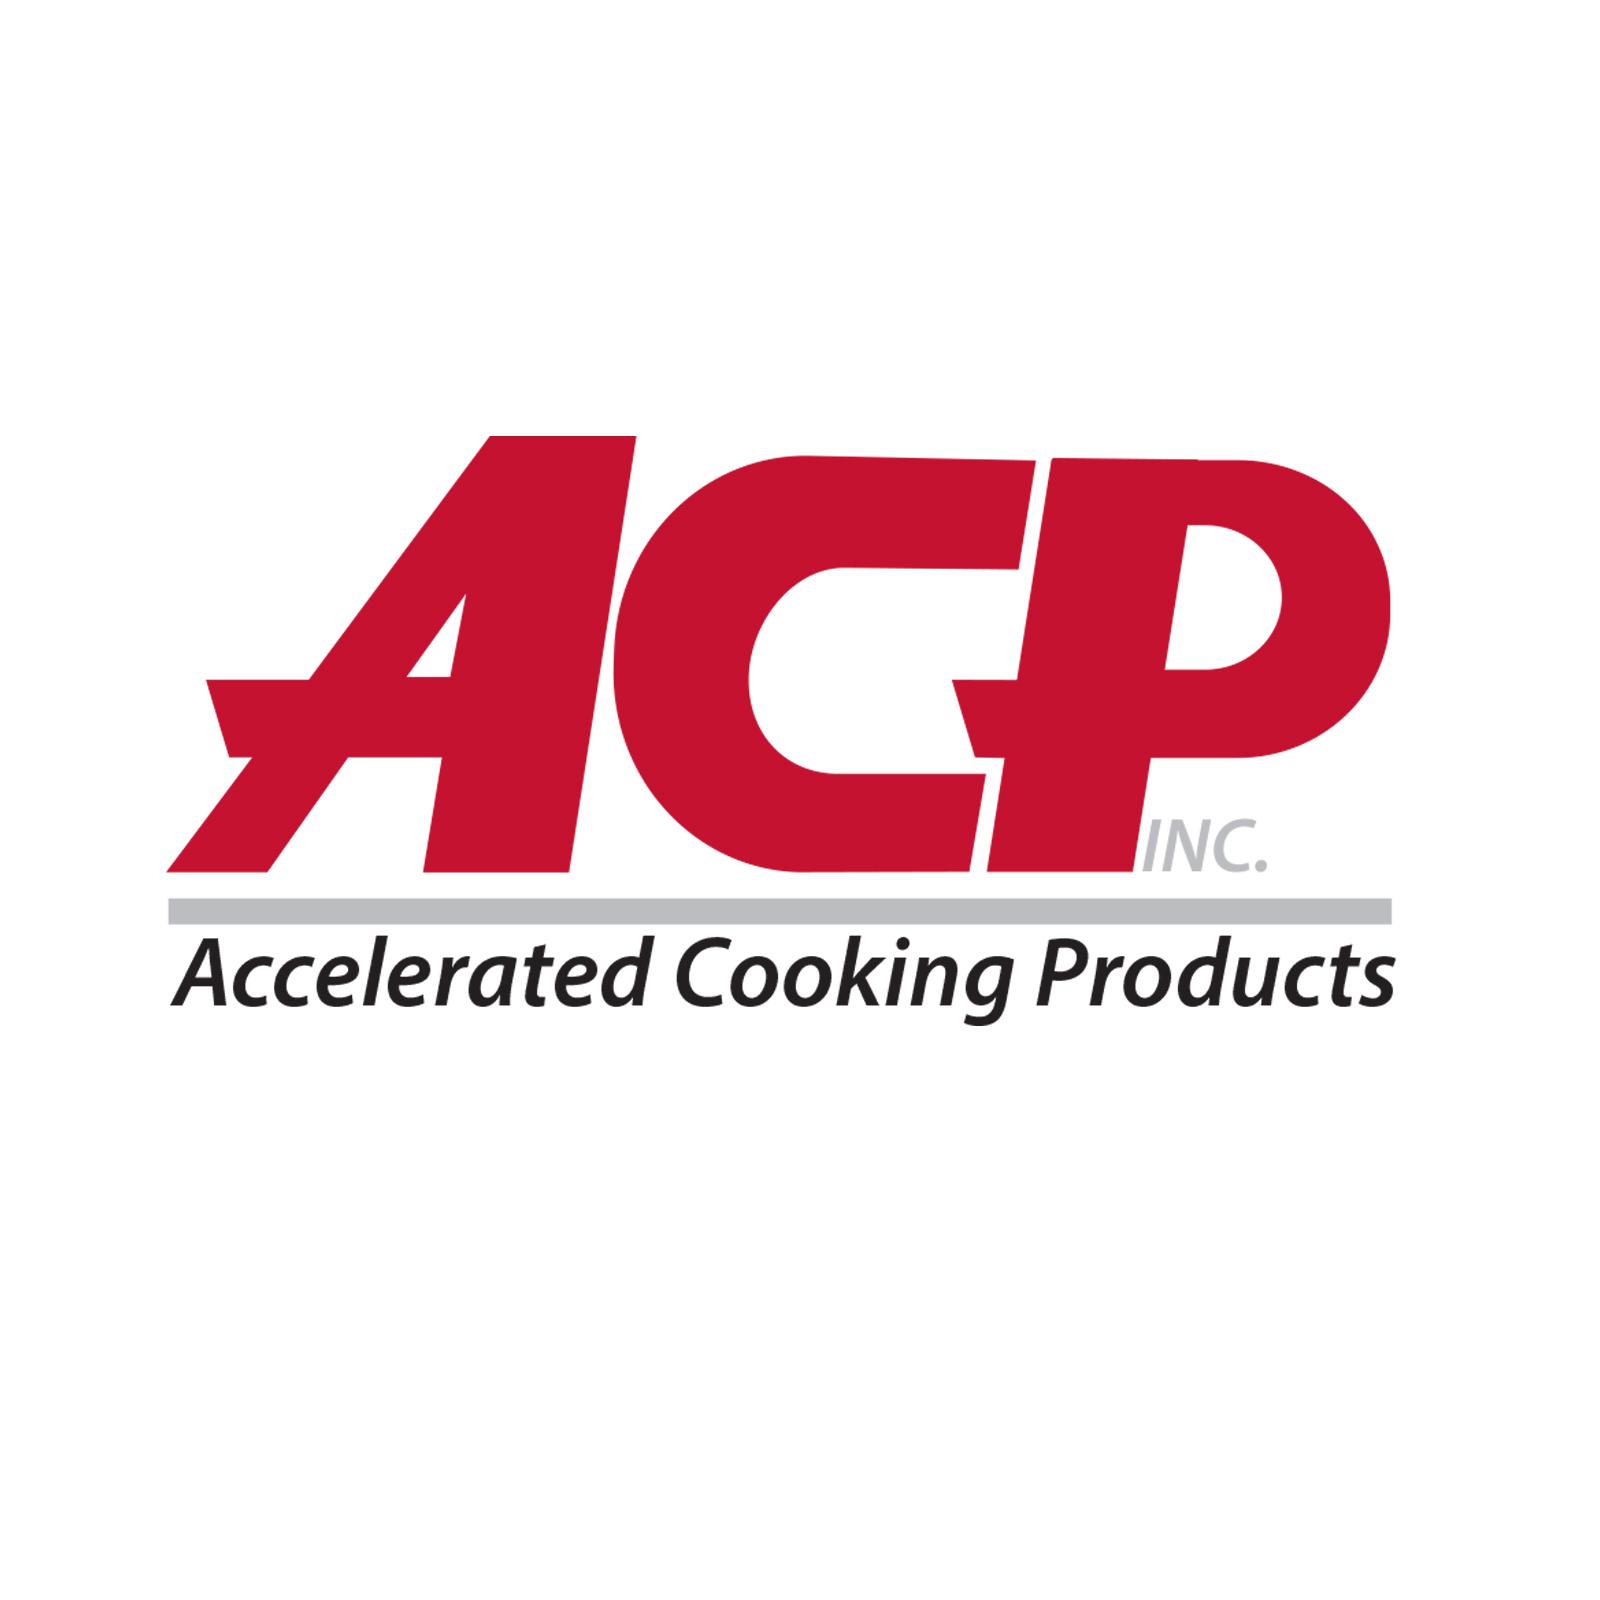 ACP jpg.jpg